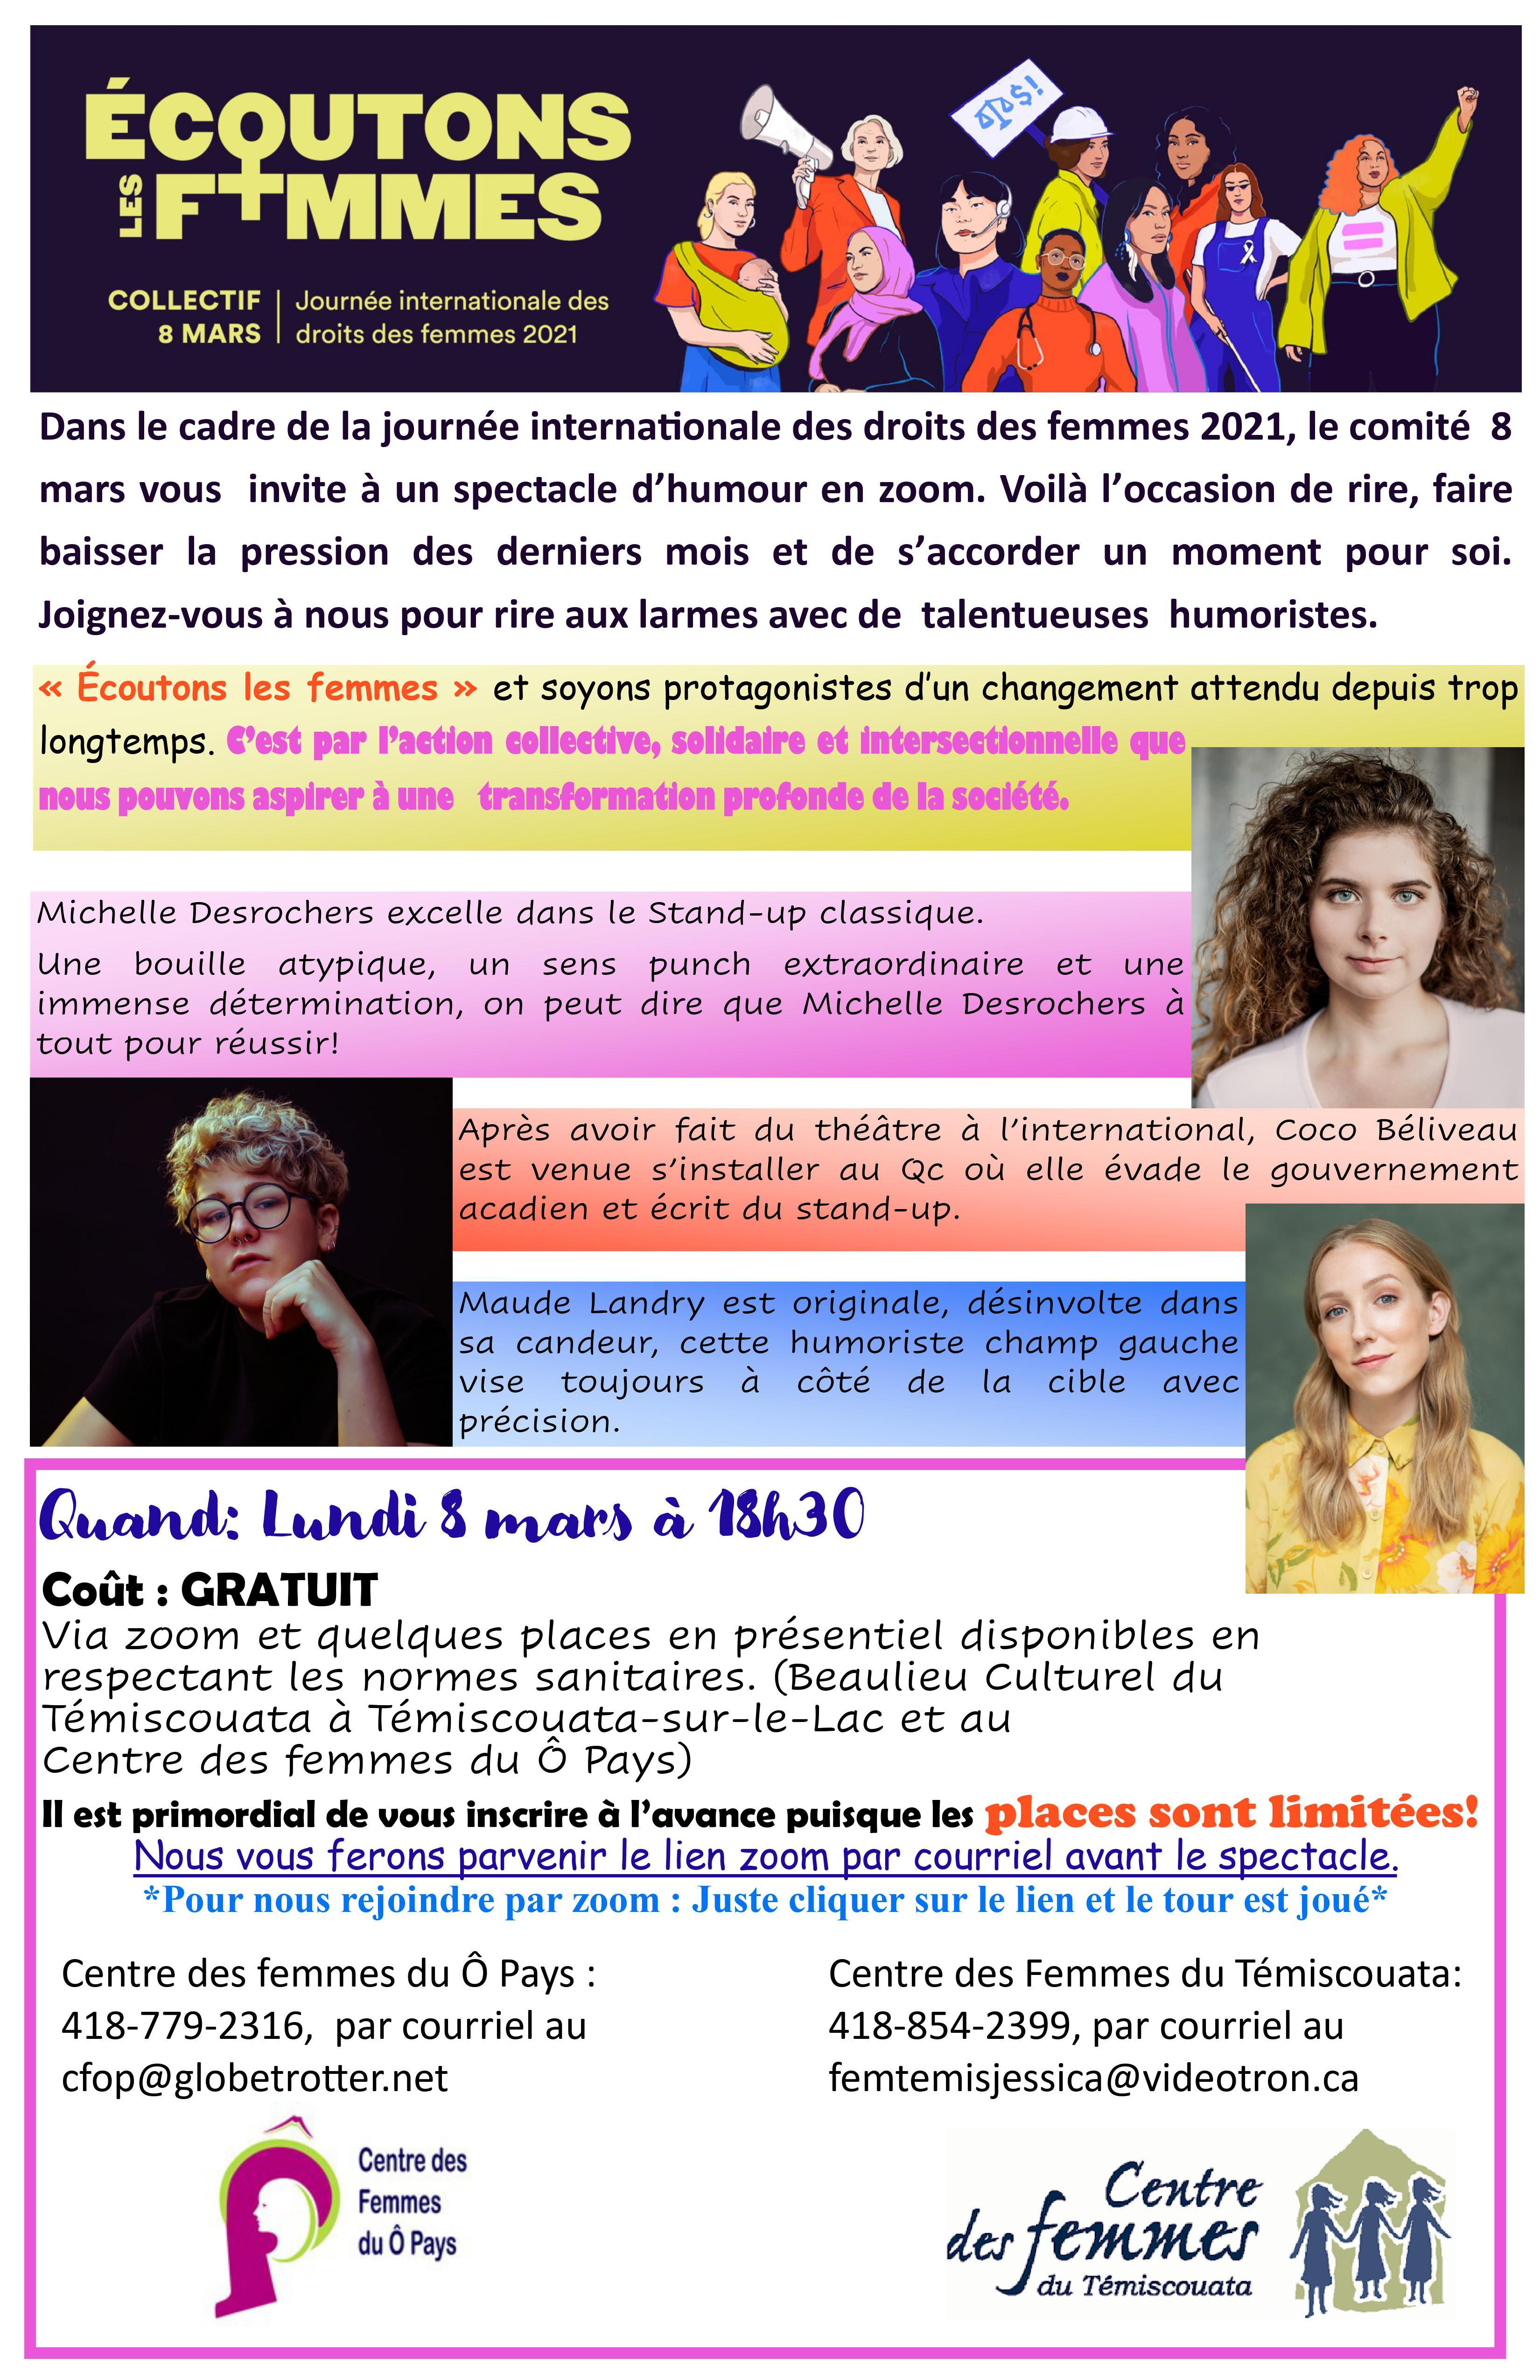 CDF affiche 8 mars